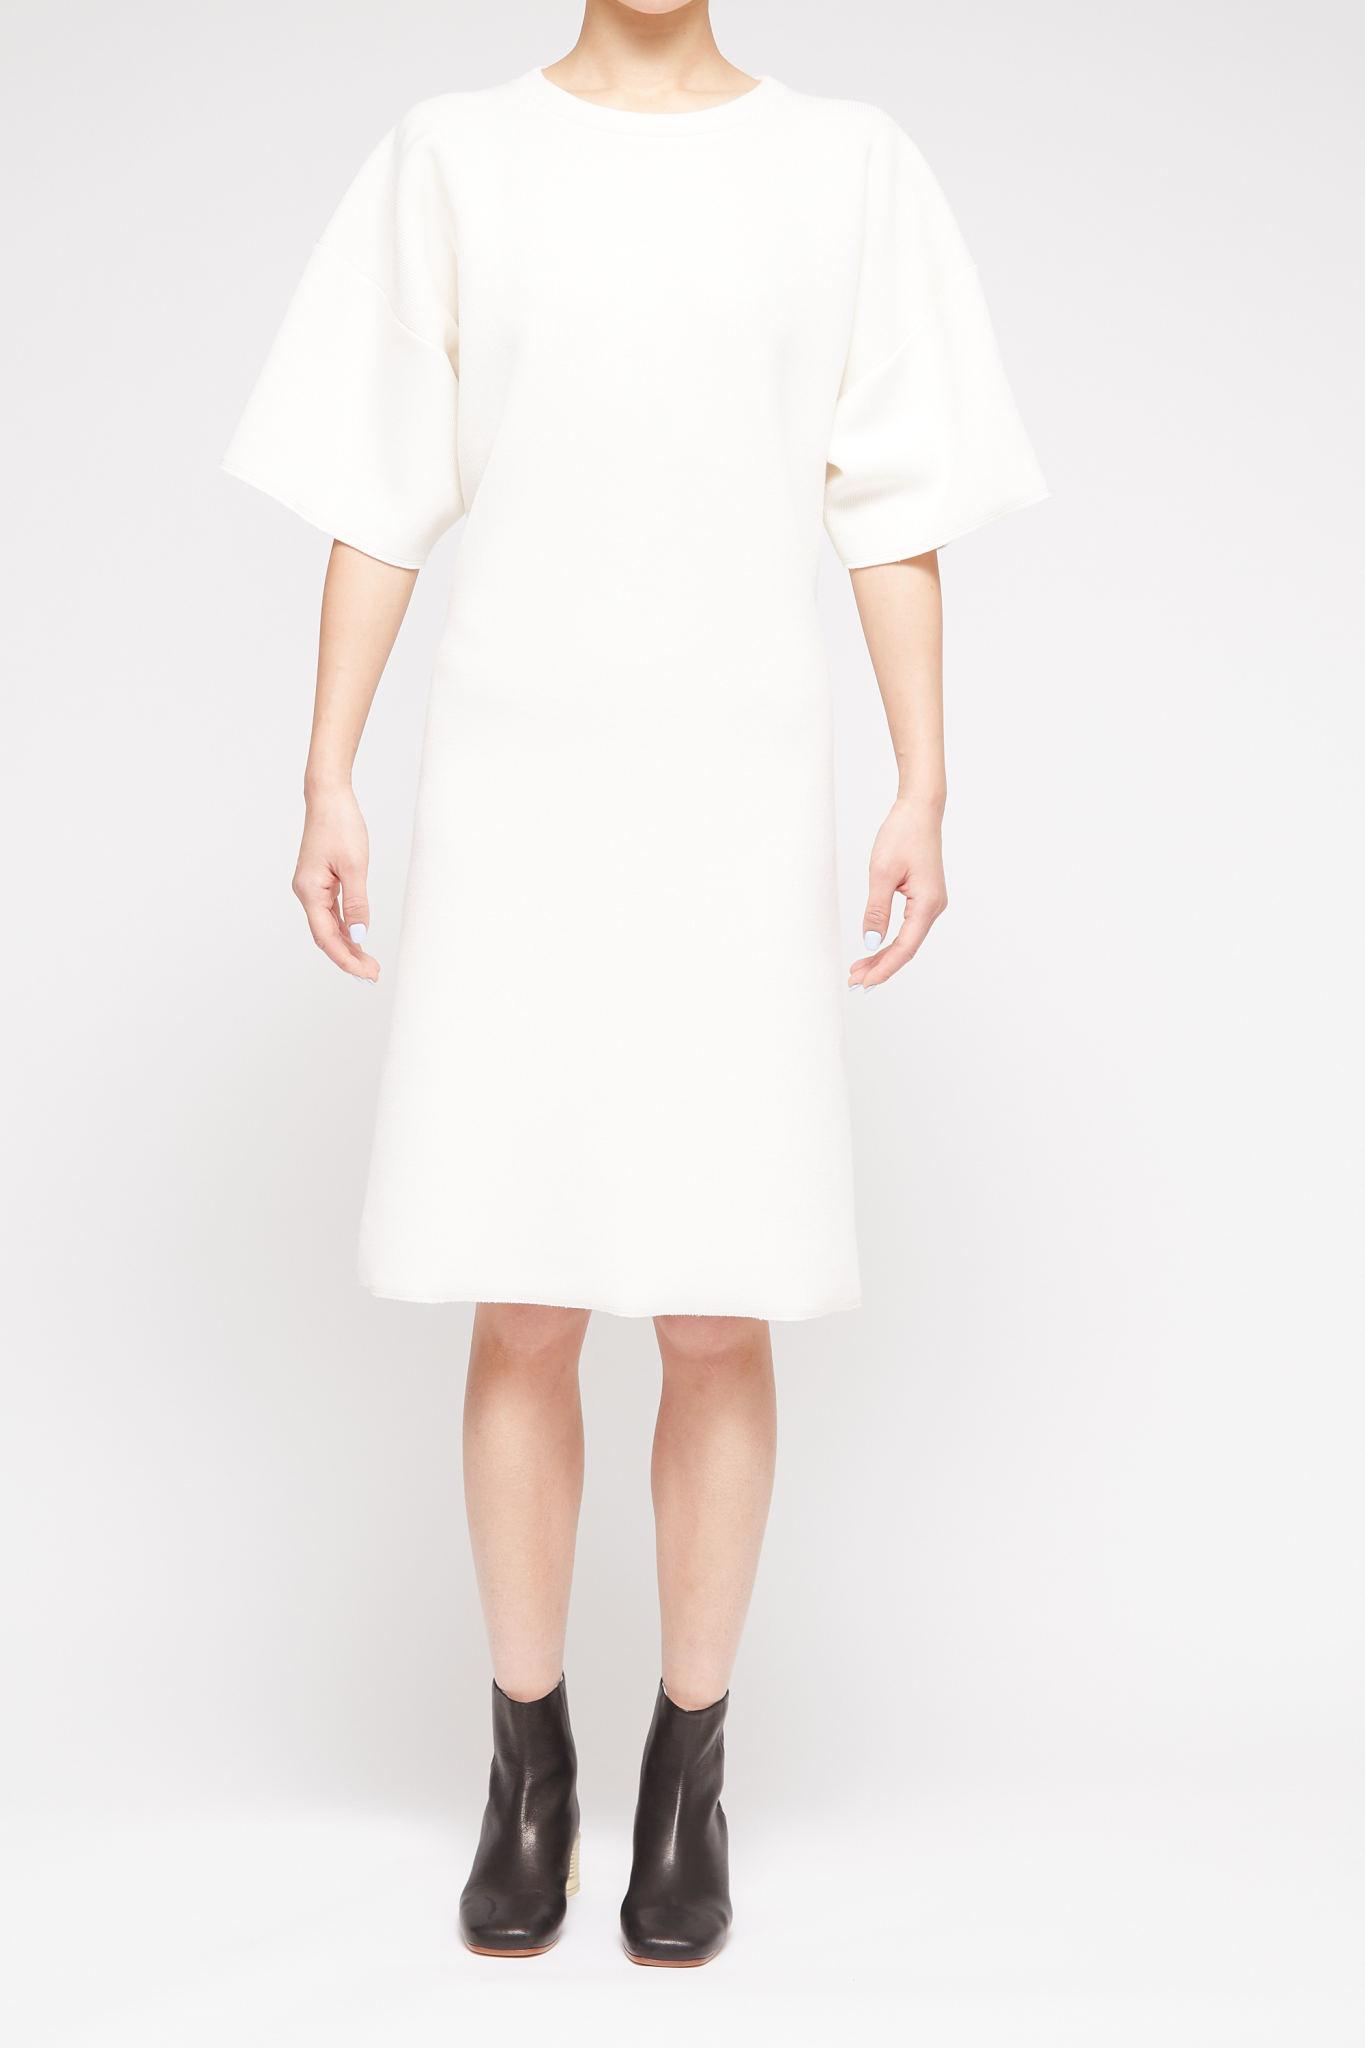 MM6 MAISON MARGIELA Open Back Dress in Cream